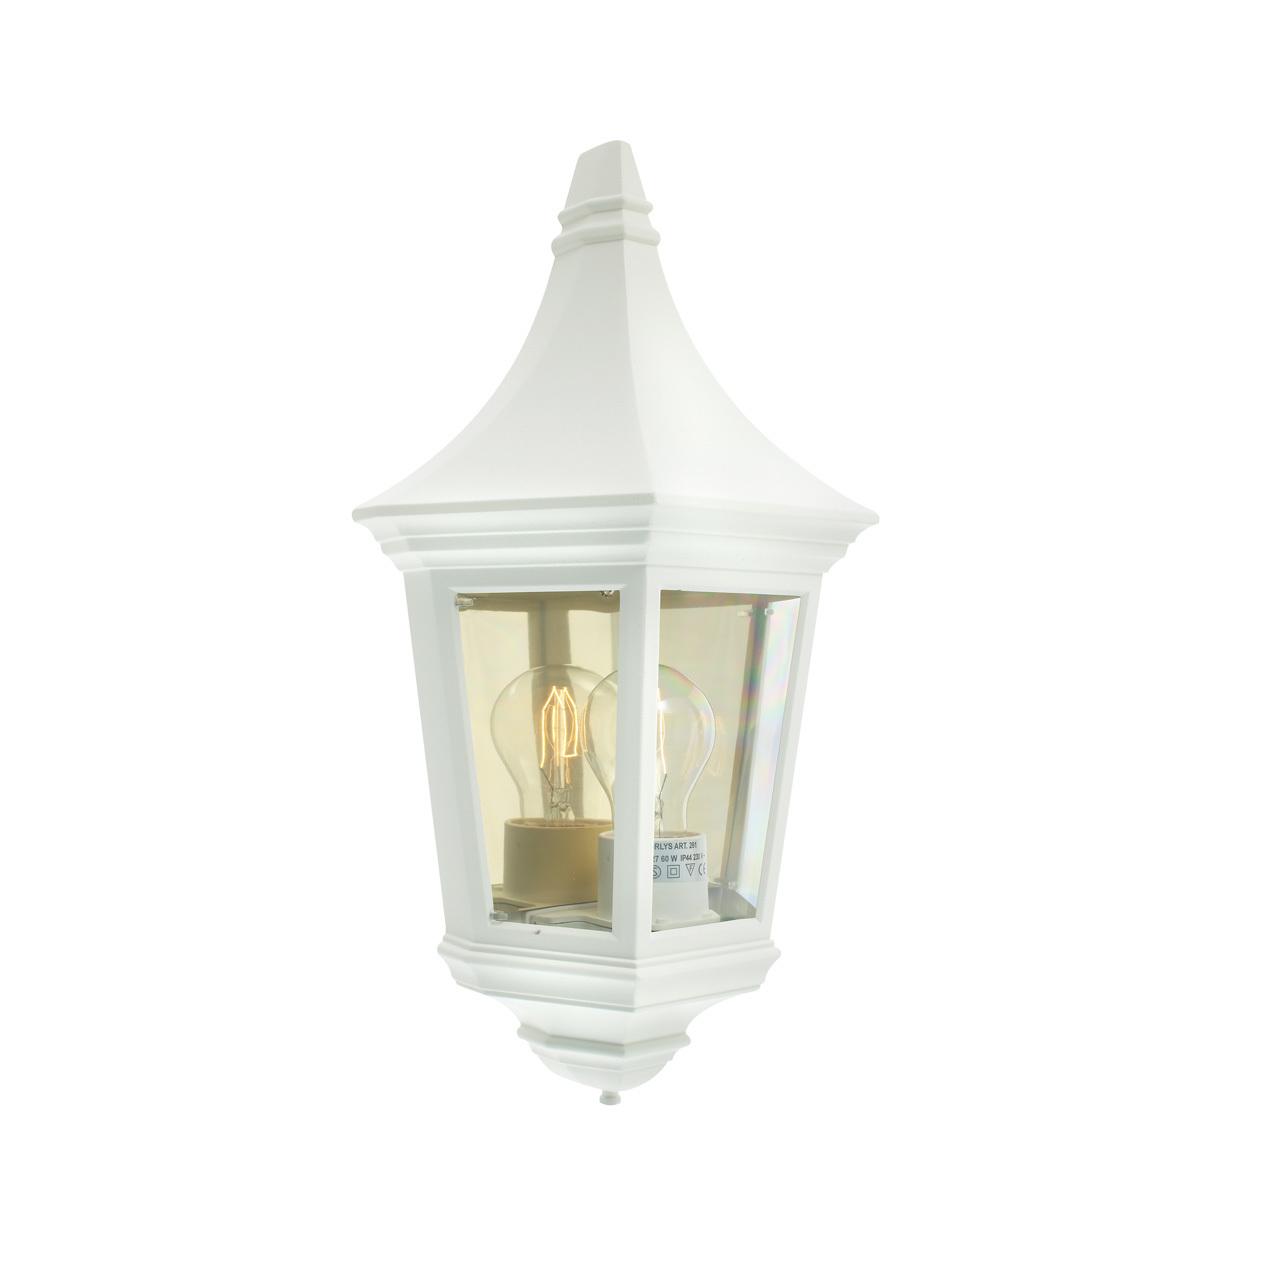 Lampa ścienna VENEDIG 261W -Norlys  SPRAWDŹ RABATY  5-10-15-20 % w koszyku